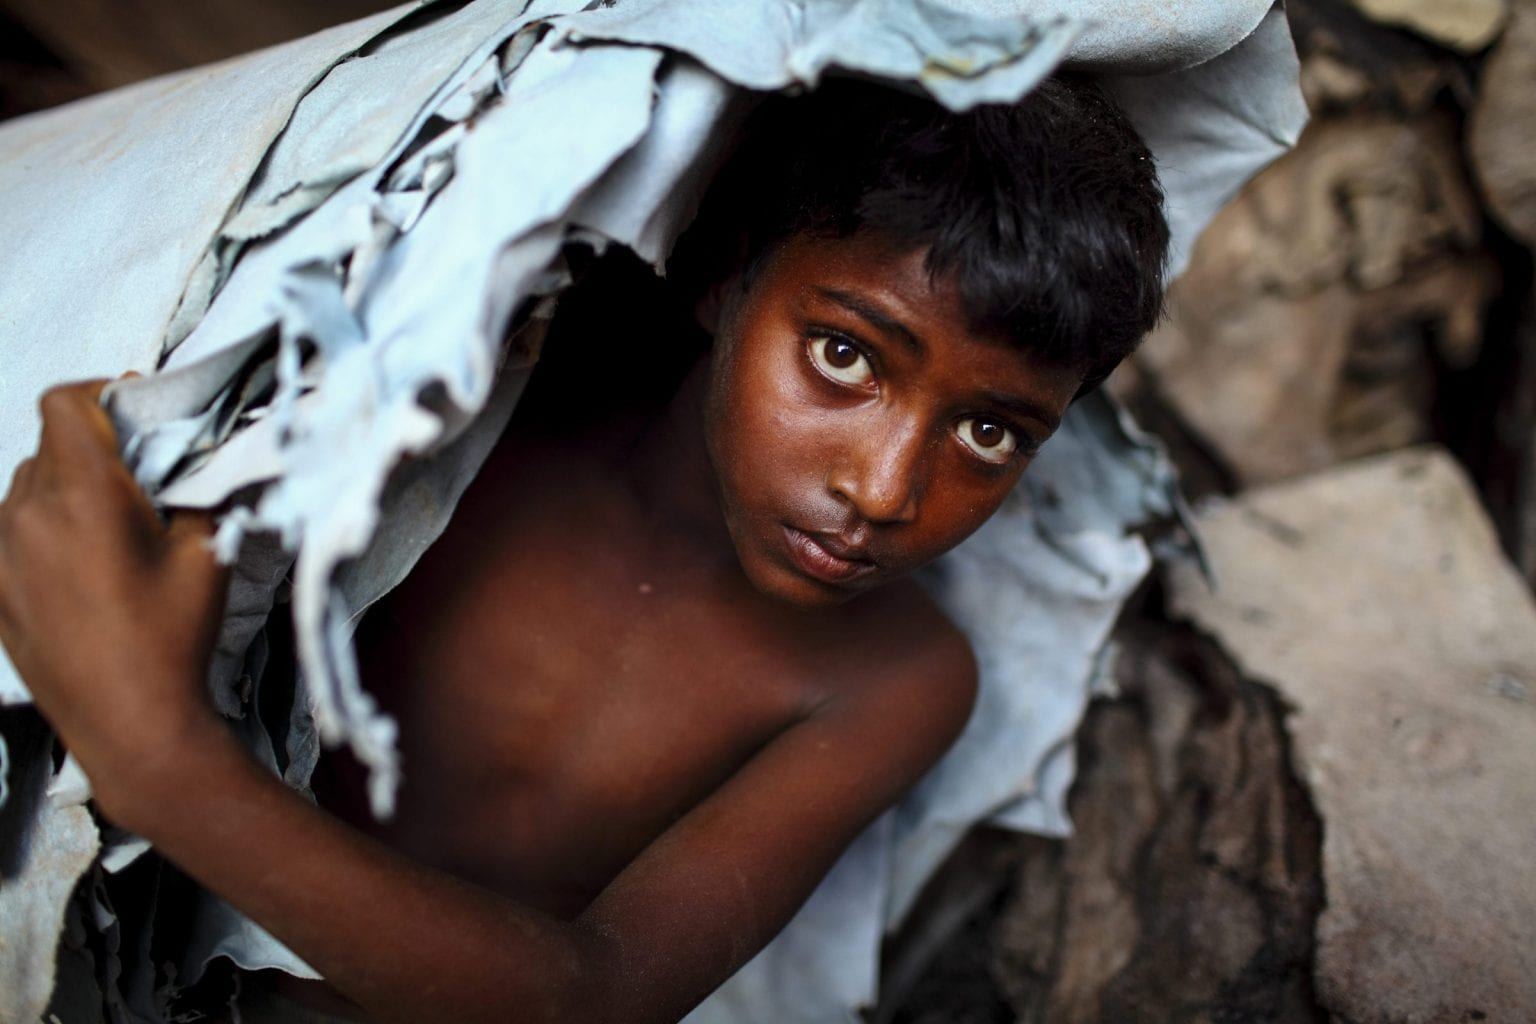 Læderindustriens dårlige ry har gennem årene tiltrukket opmærksomhed fra miljø- og menneskerettighedsorganisationer, heriblandt Human Rights Watch og den hollandske virksomhedsvagthund SOMO. Begge har udgivet rapporter, der bl.a. dokumenterer børnearbejde i garverierne i Hazaribagh. Foto: GMB Akash